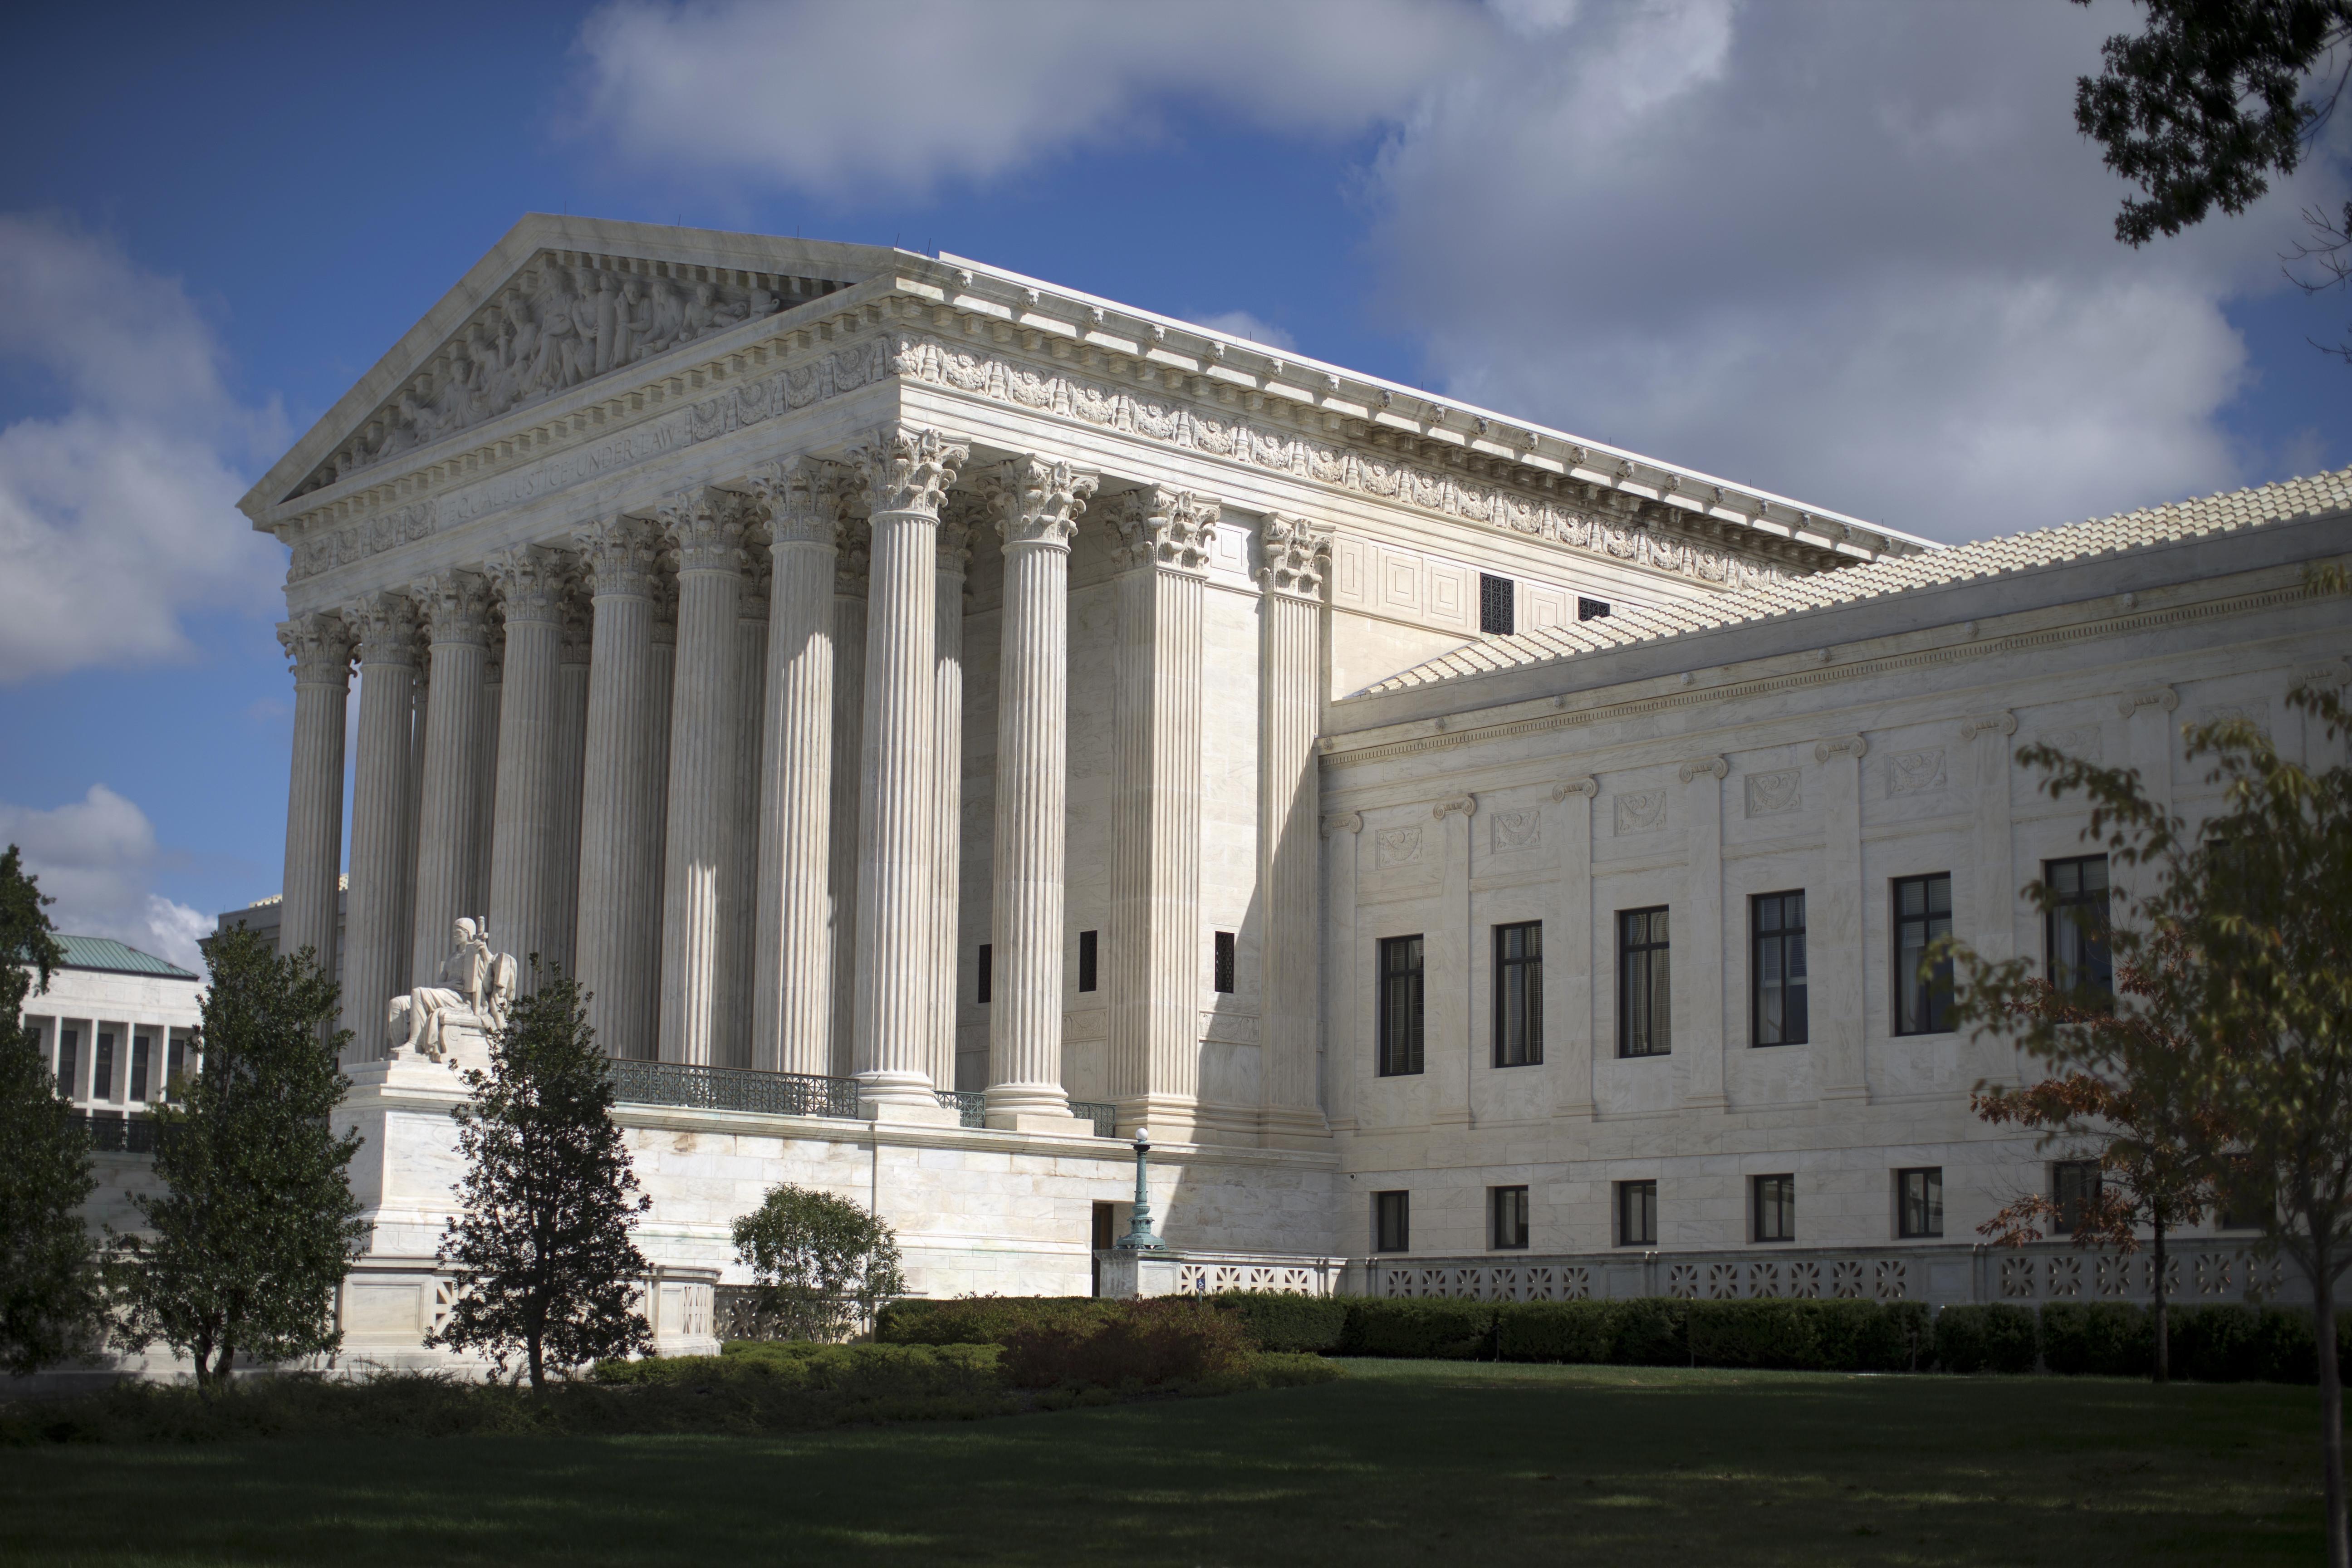 Trump continúa entrevistas para vacante en Corte Suprema